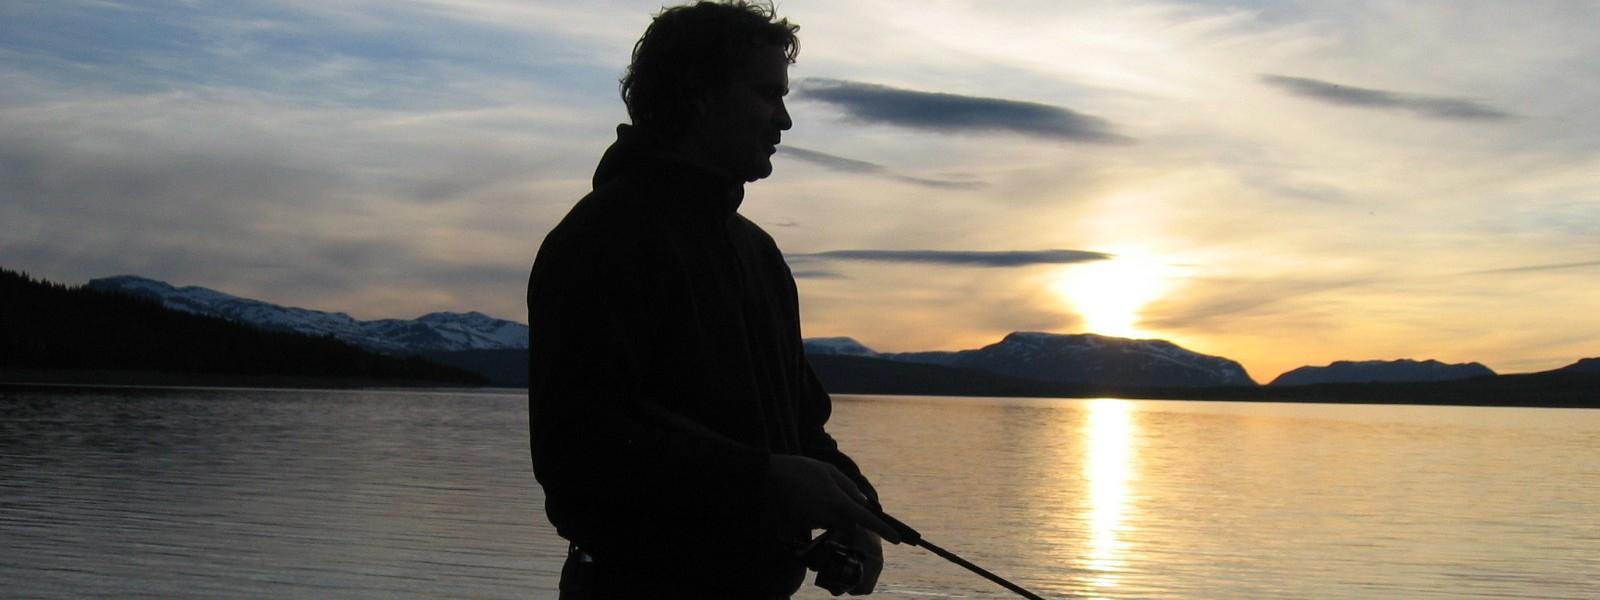 Fiske på Golsfjellet